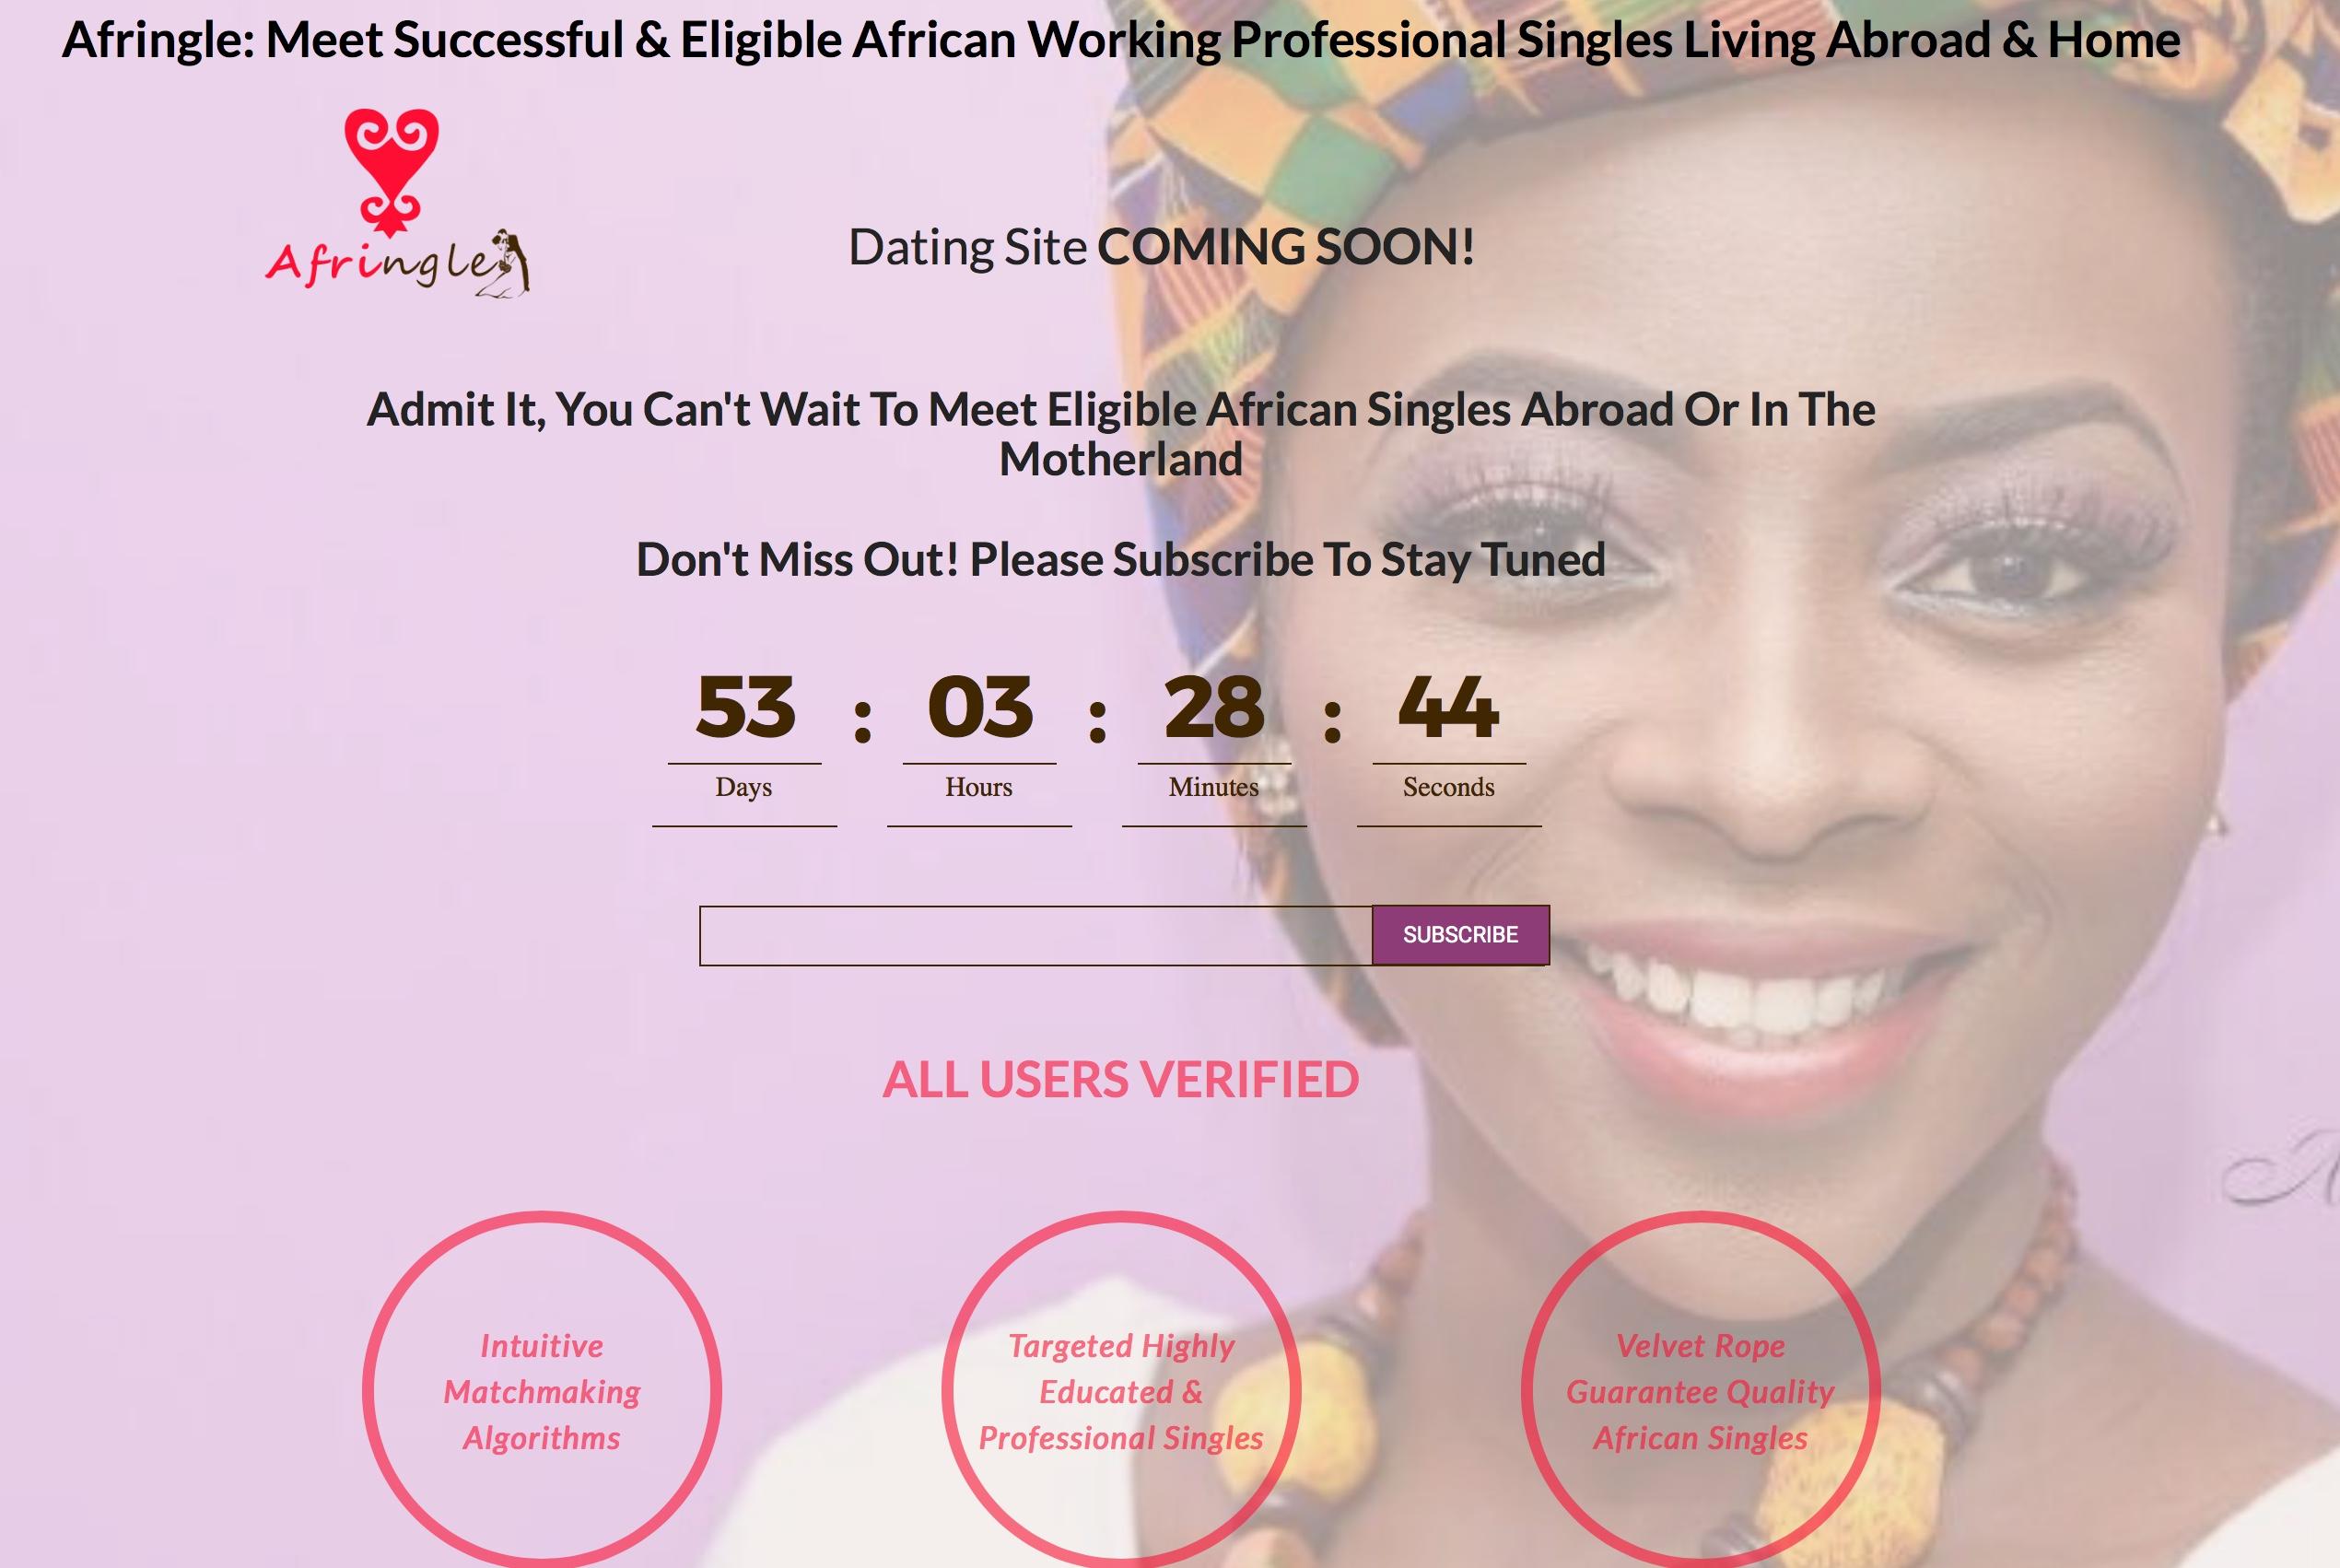 intuitiv matchmaking LLC Gratis online dating Pittsburgh PA